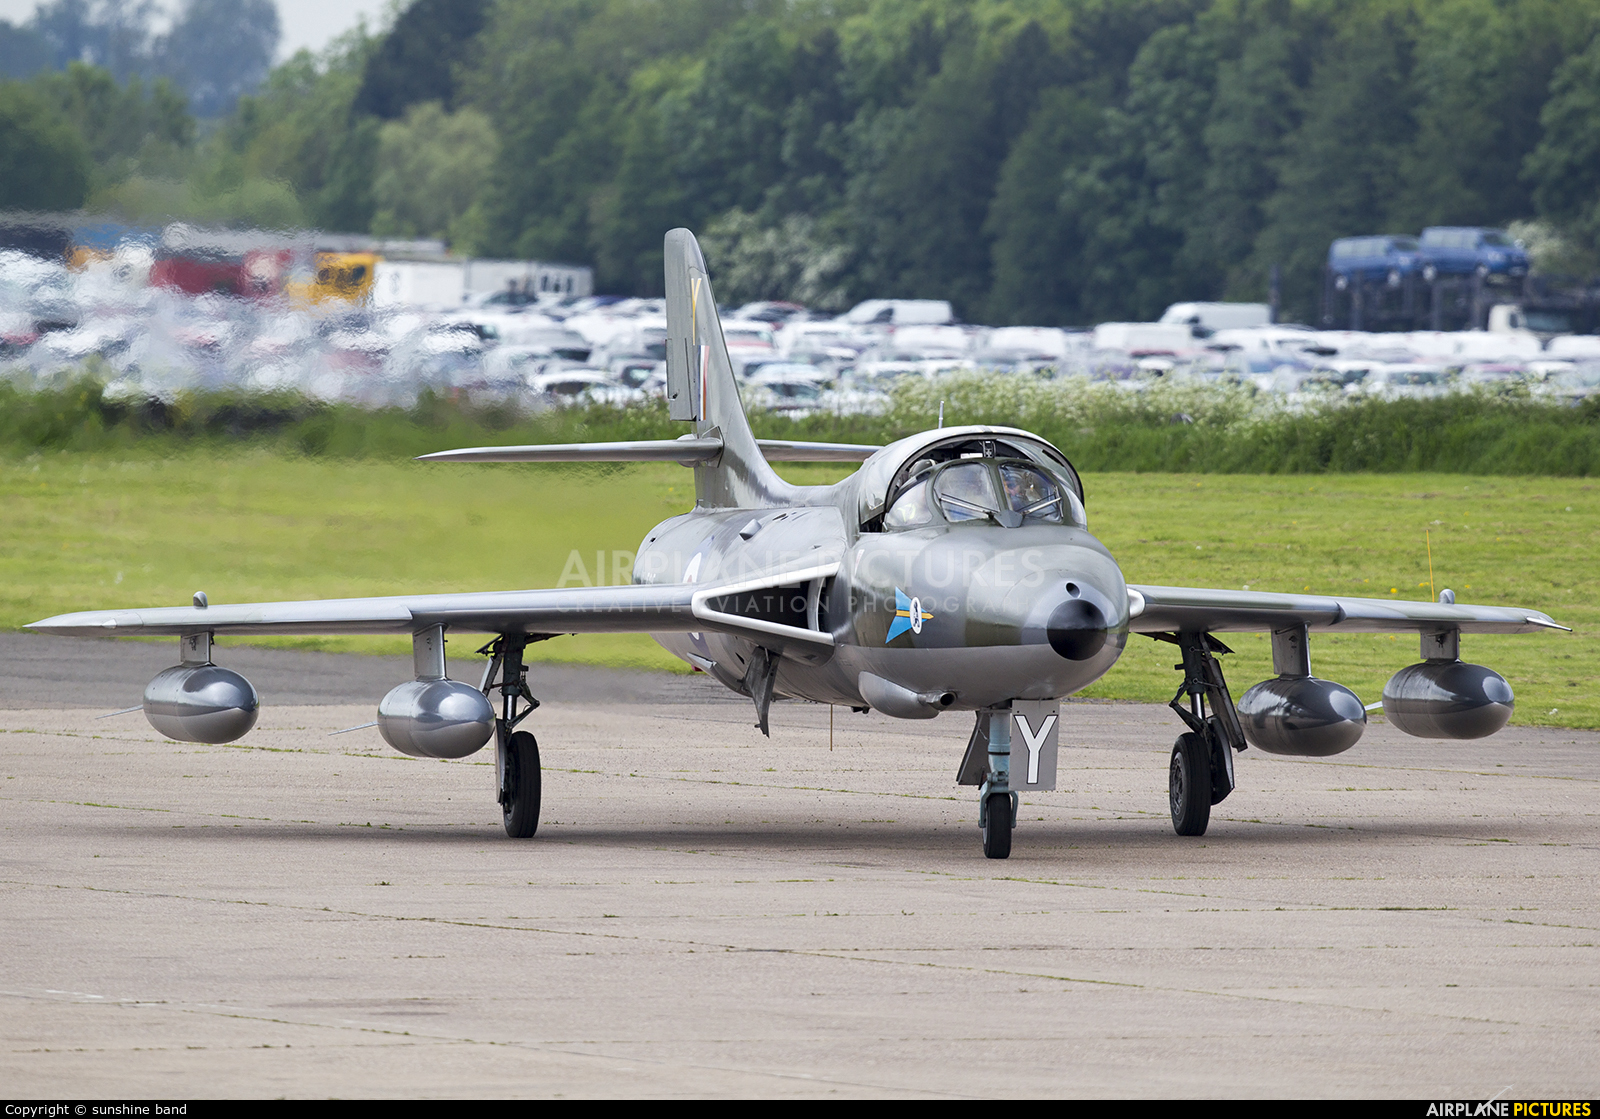 Royal Air Force XL565 aircraft at Bruntingthorpe